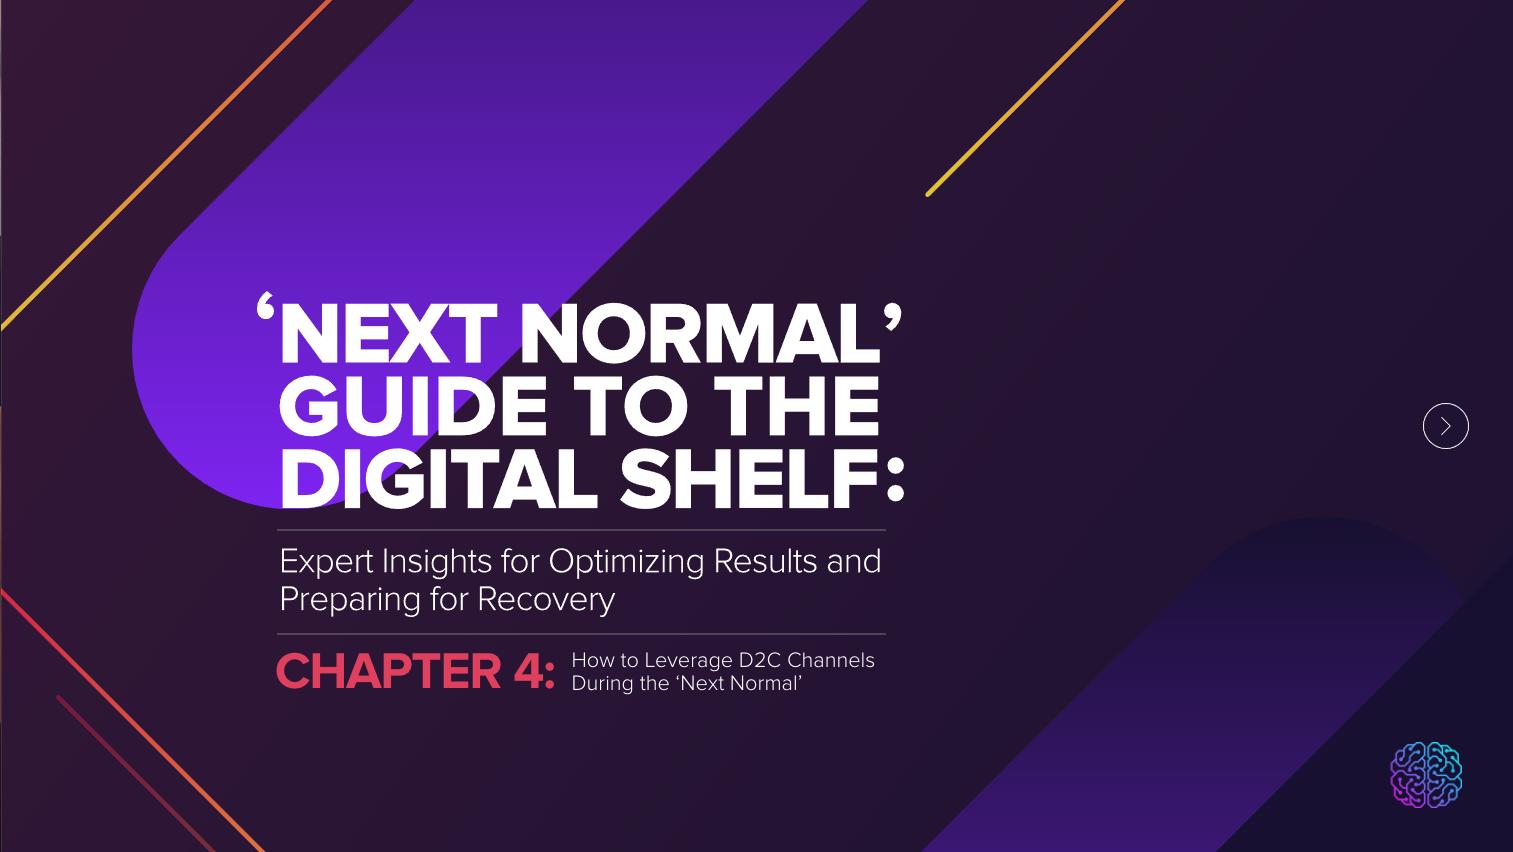 Guide to the digital shelf